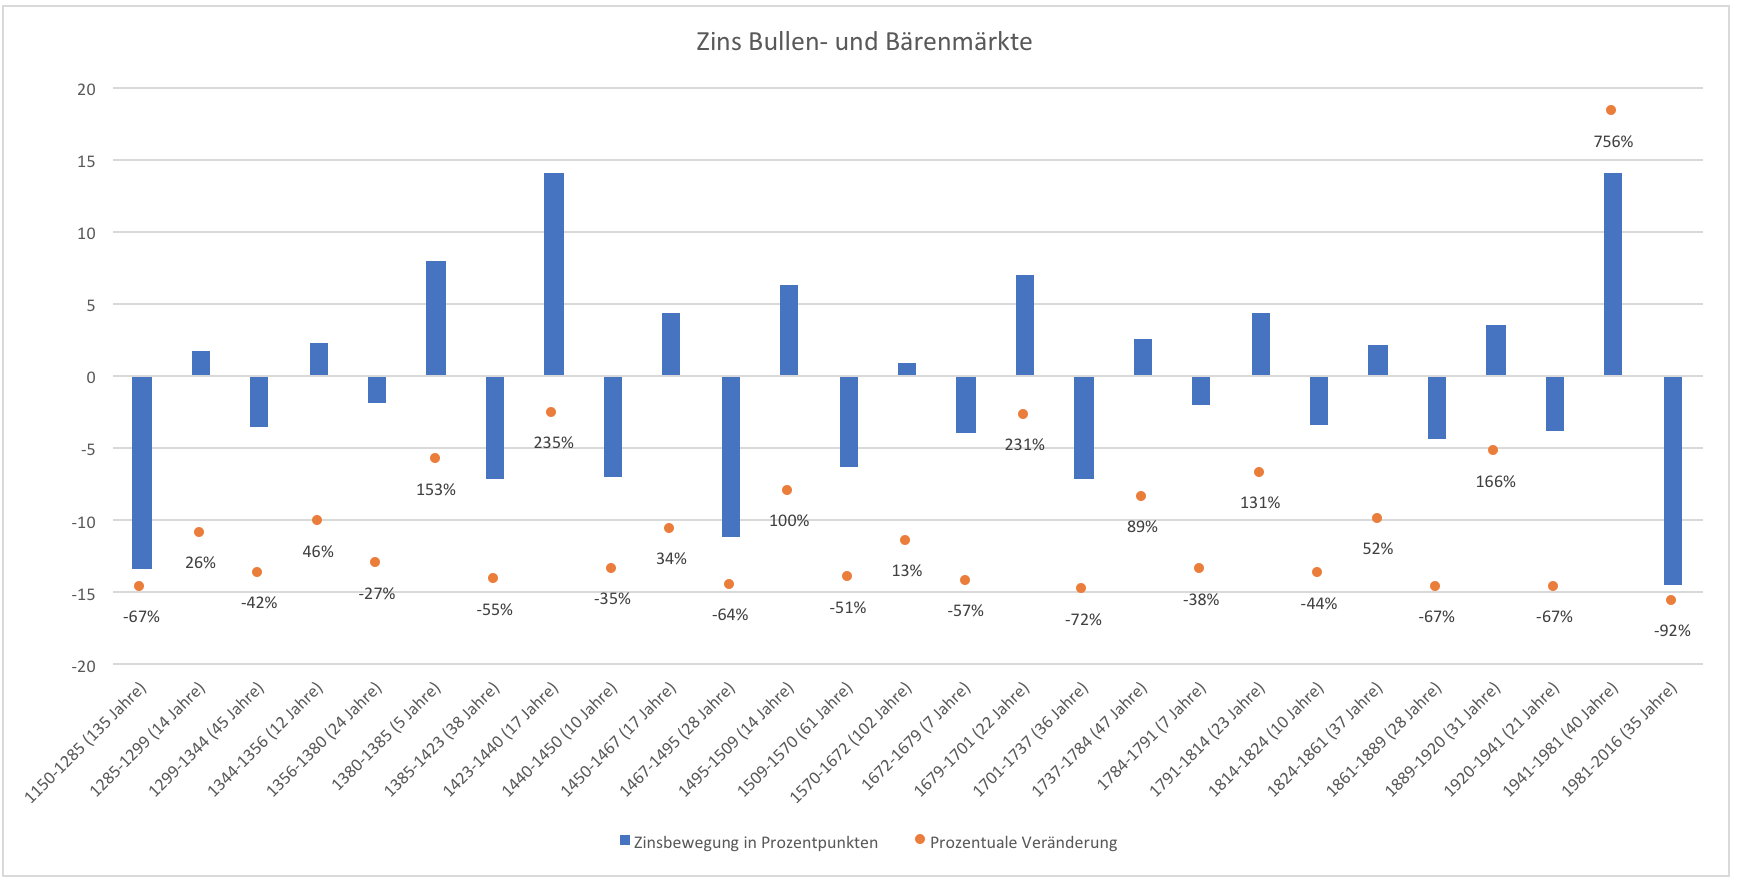 Was-ist-dran-an-der-historischen-Anleiheblase-Kommentar-Clemens-Schmale-GodmodeTrader.de-2